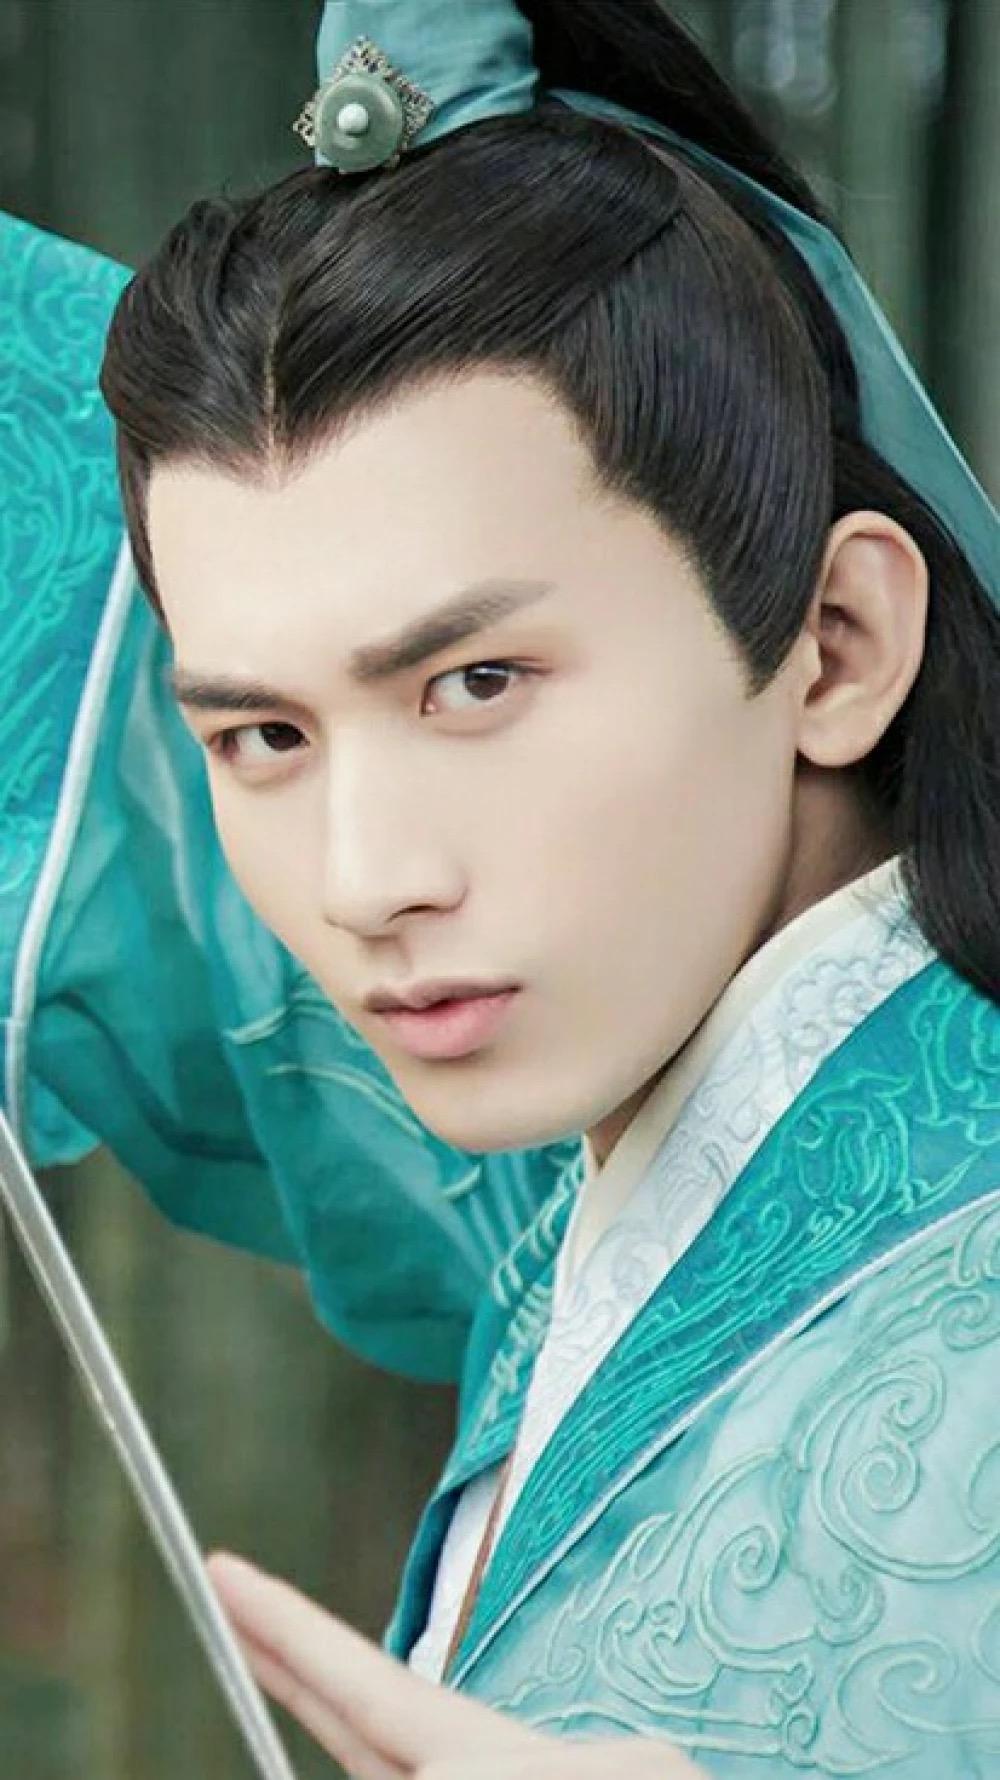 电影版《诛仙》选角最失败的一个角色,没有电视剧版帅气